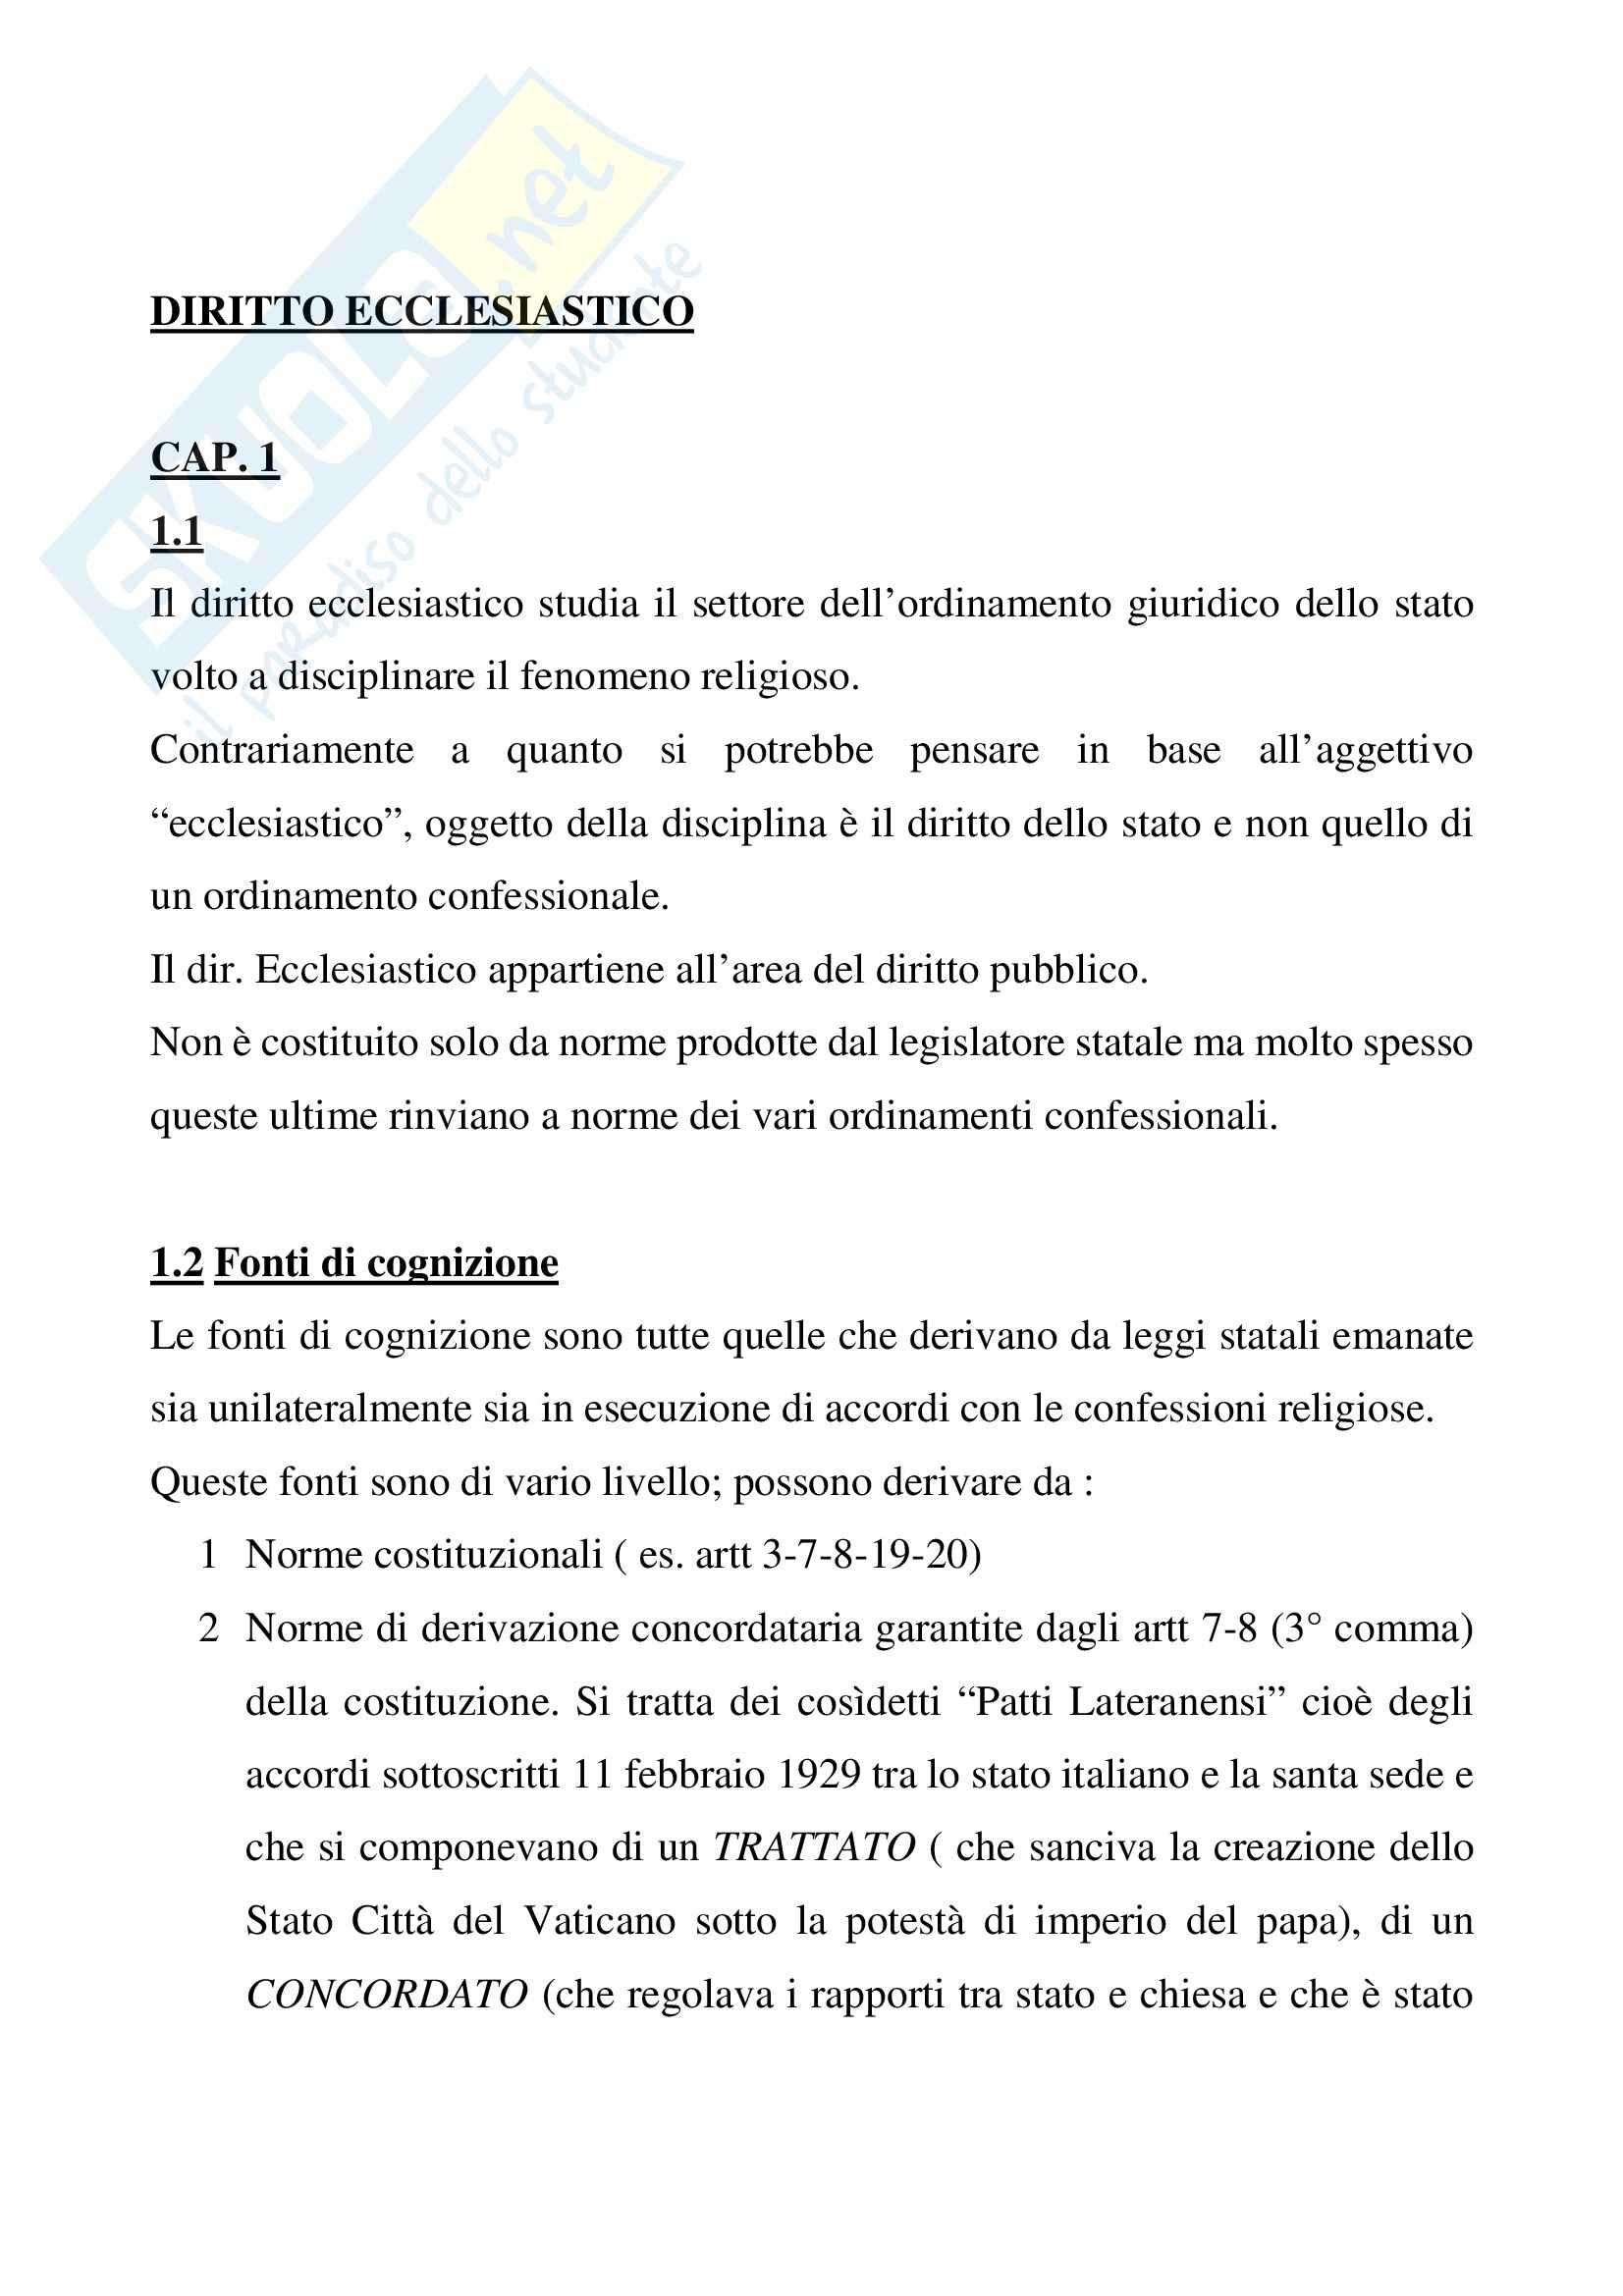 Riassunto esame Diritto Ecclesiastico, prof. Cimbalo, libro consigliato Diritto Ecclesiastico, Finocchiaro